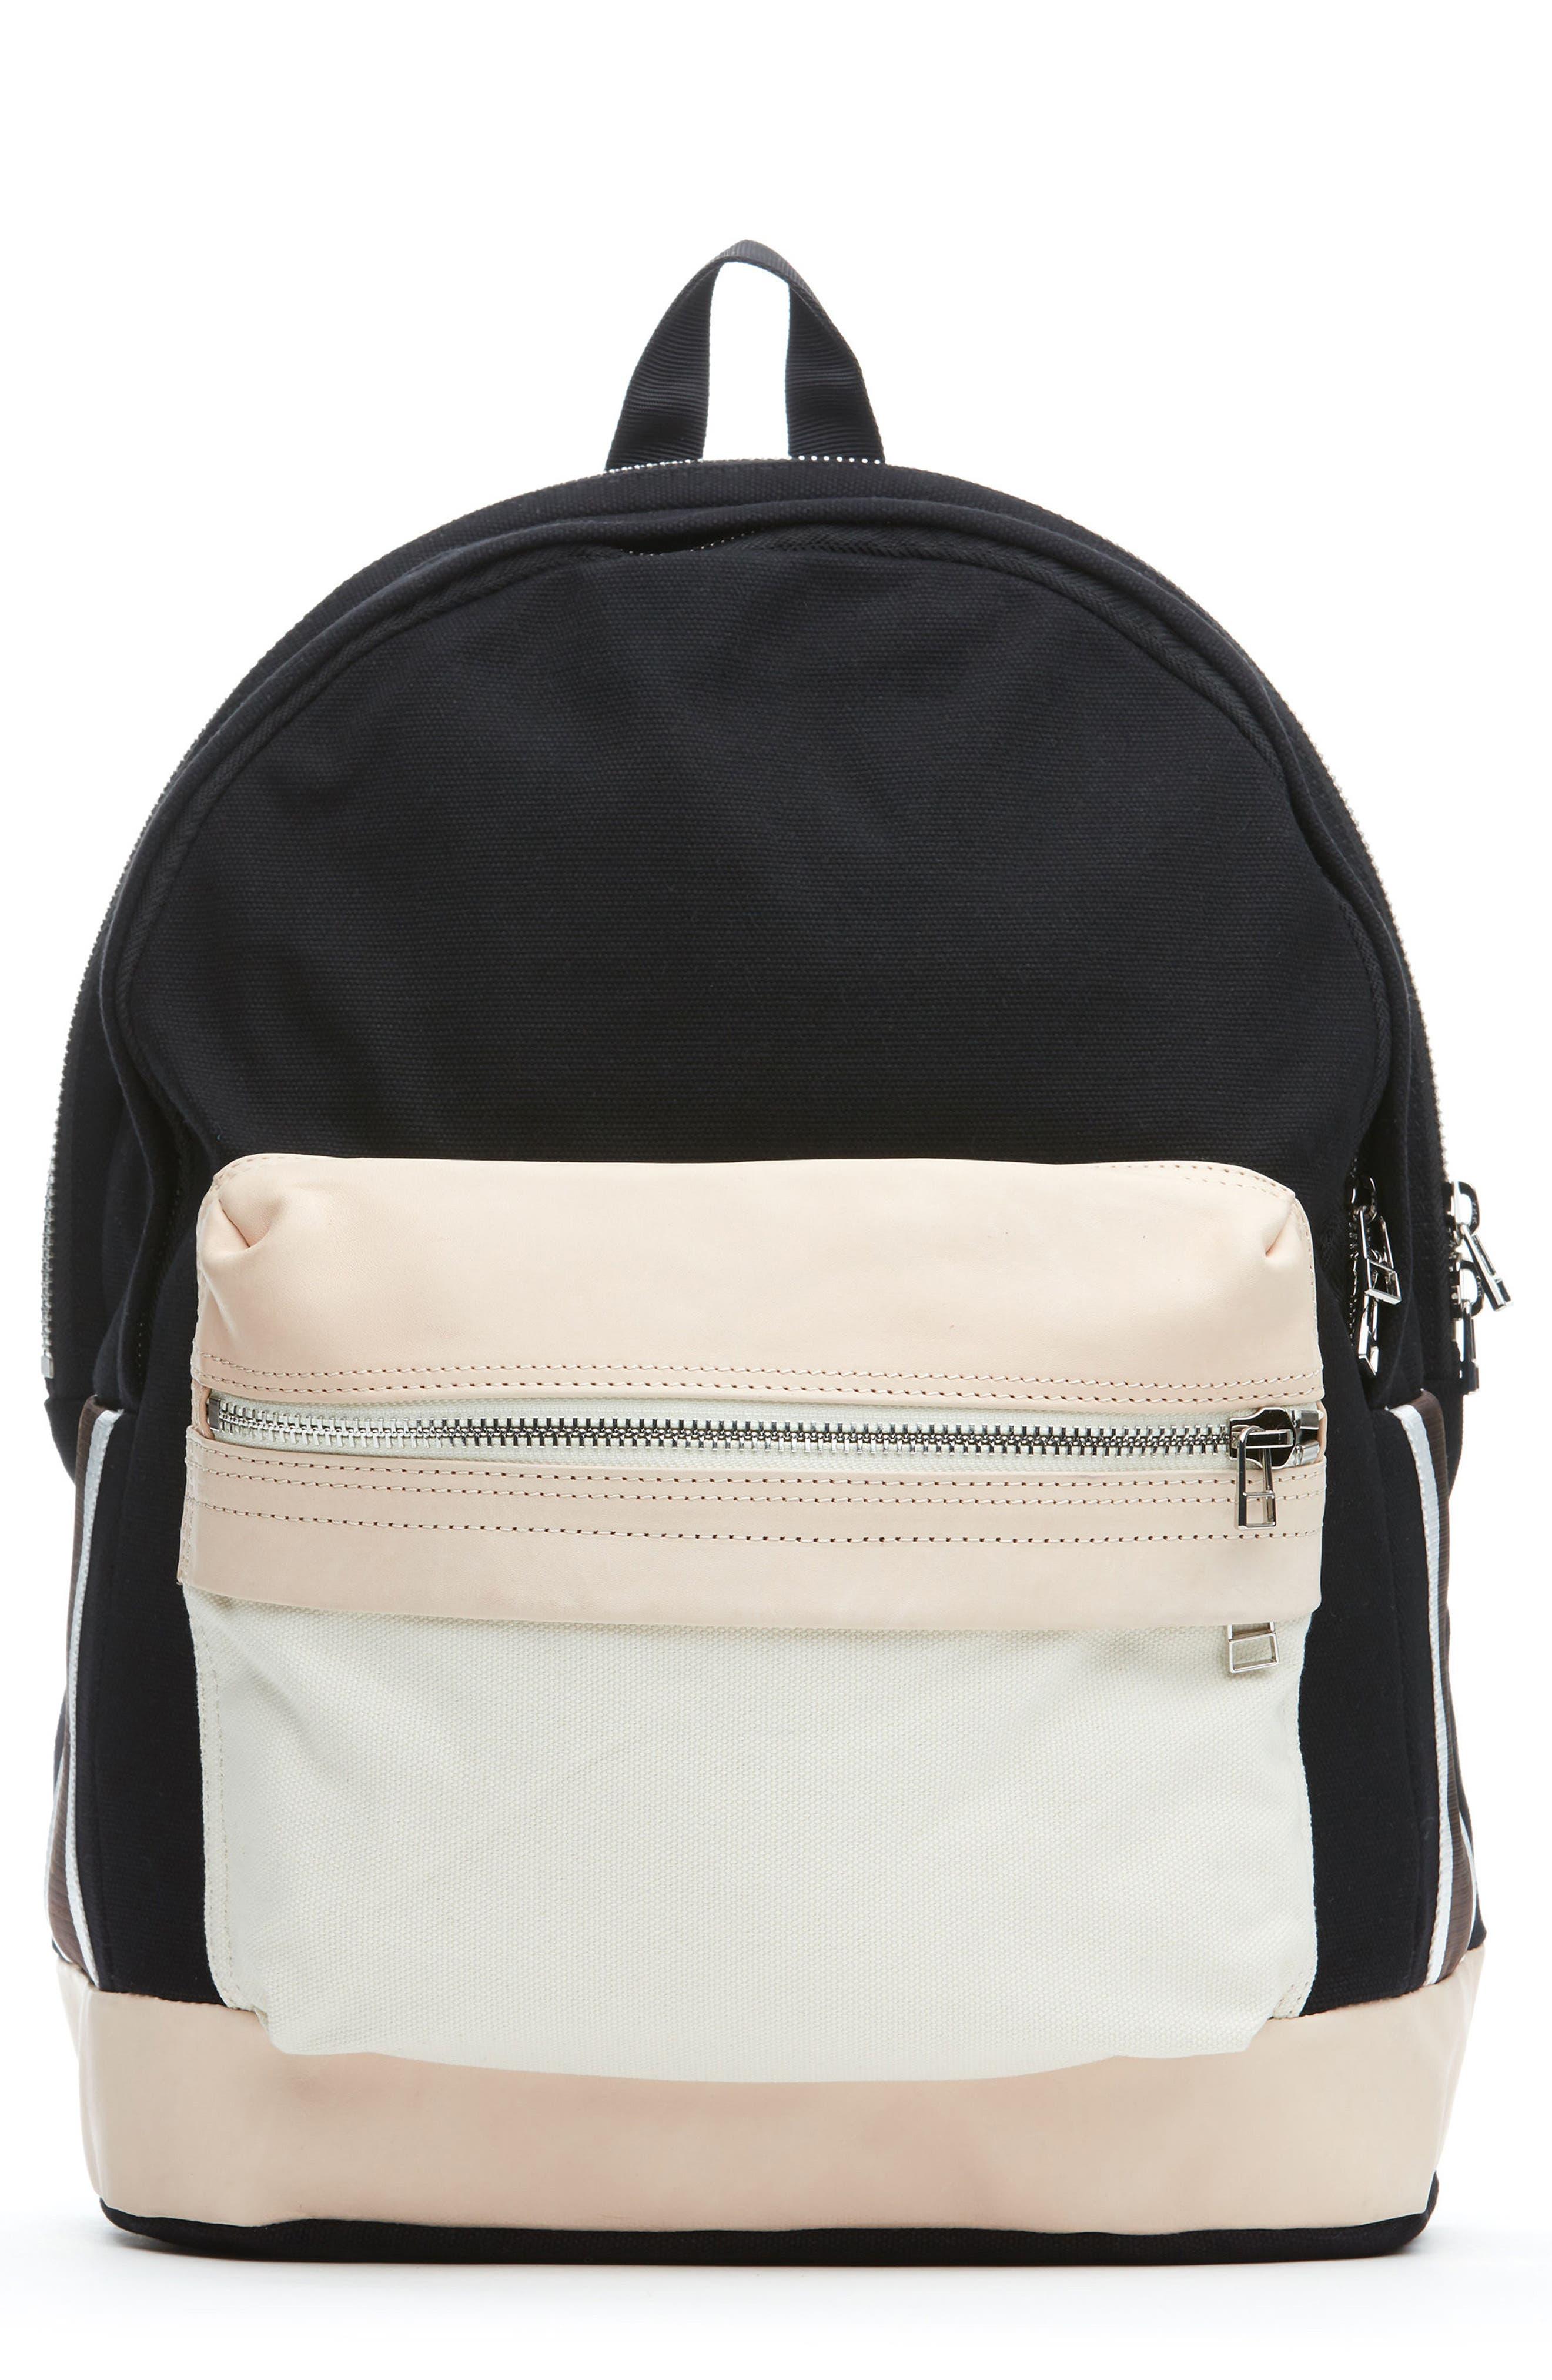 Lancer Backpack,                         Main,                         color, 010